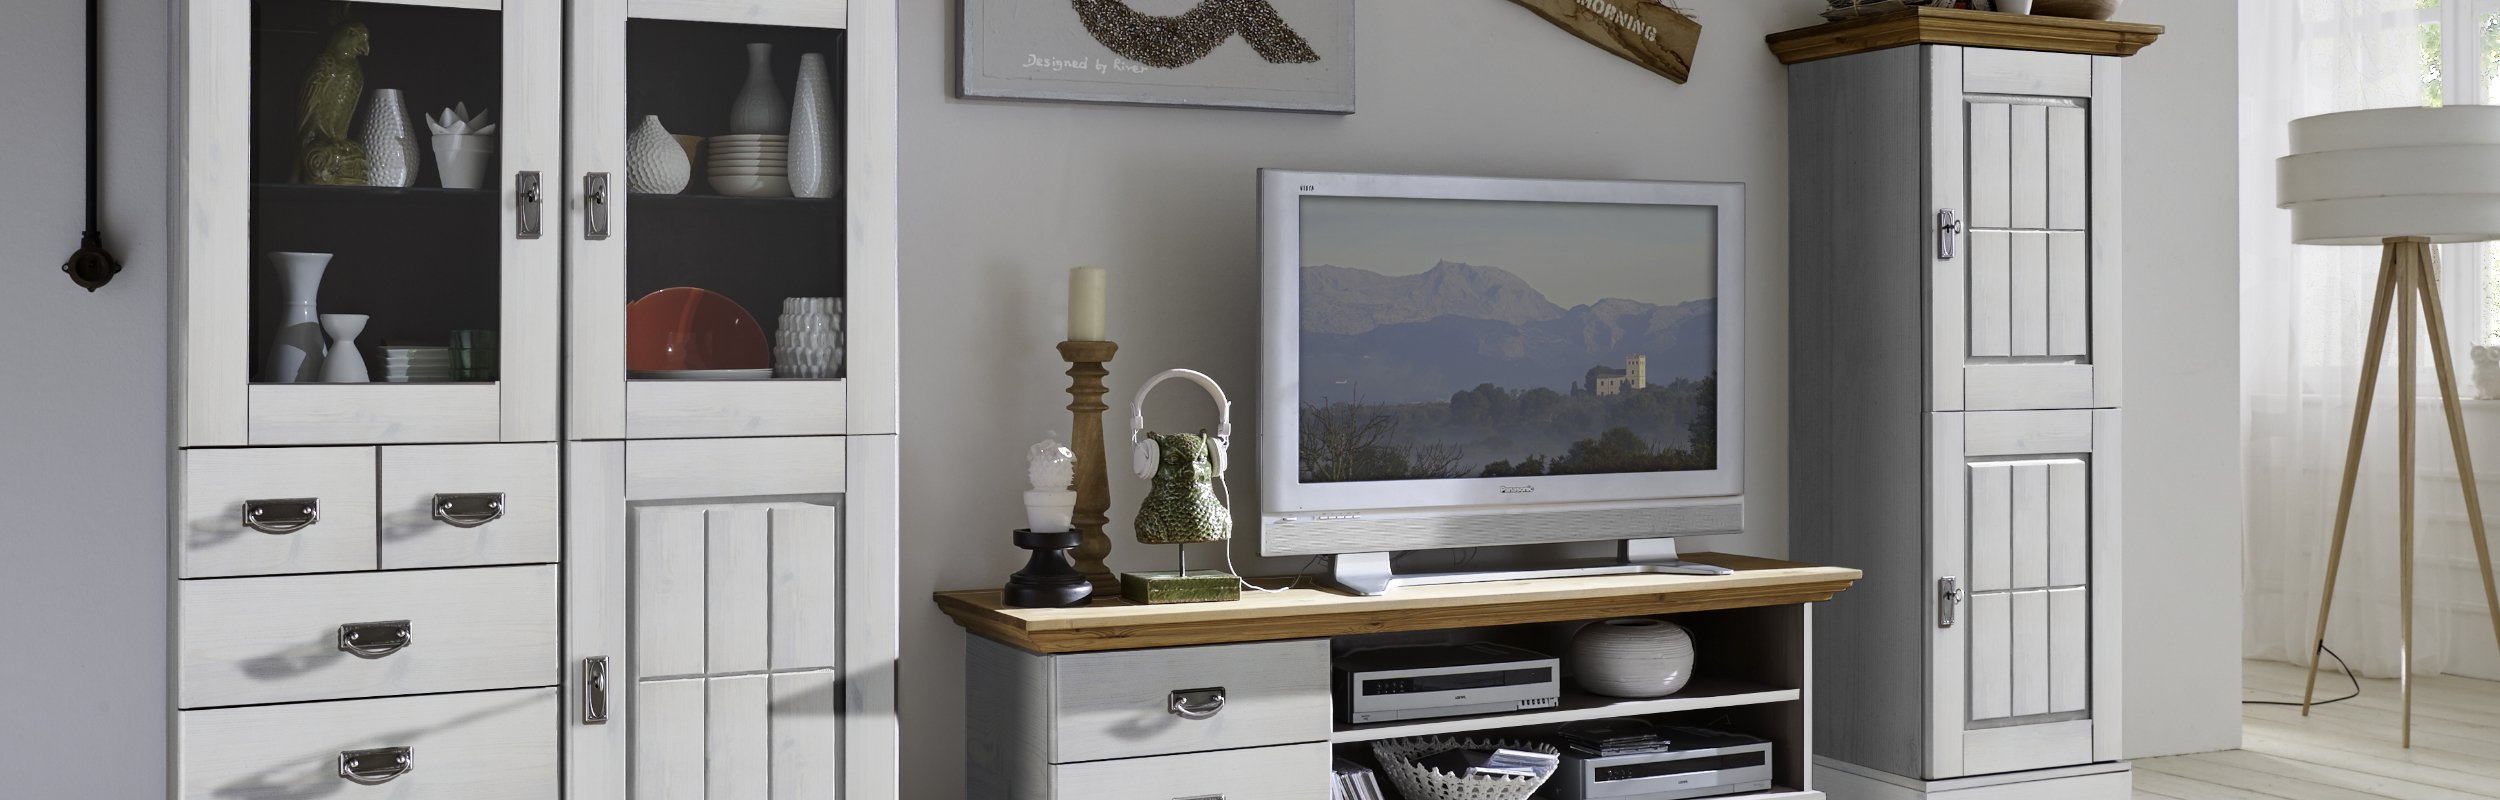 Wohnzimmer Landhausstil Serie Fjord, Bild 4